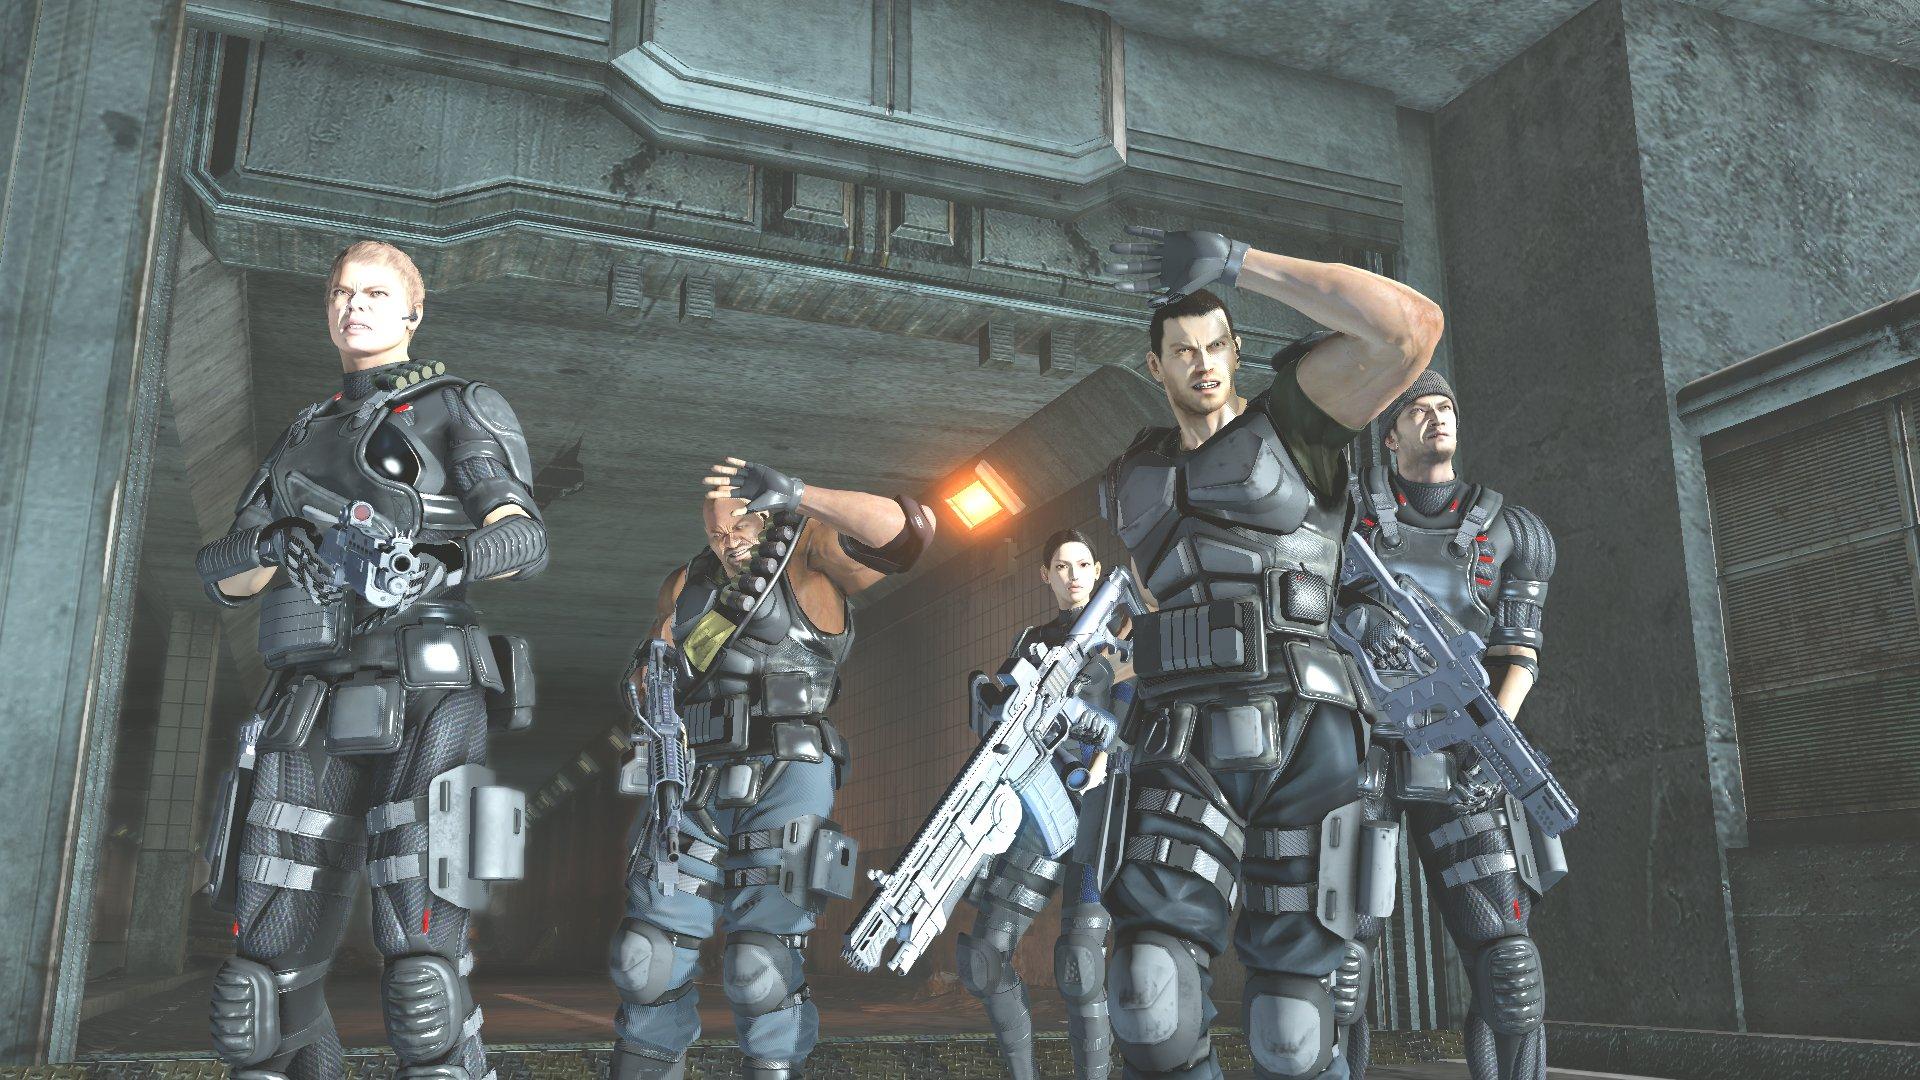 На демонстрации игры во время выставки GamesCom 2011 журналисты пребывали в легком недоумении. SEGA анонсировали что ... - Изображение 1